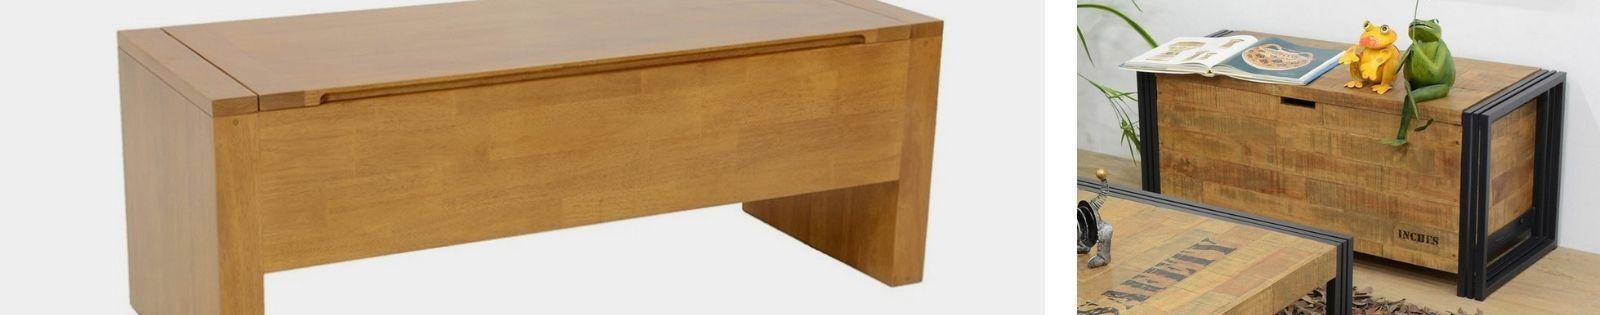 Coffres : meubles de qualité. Haut de gamme. Le Monde du Lit